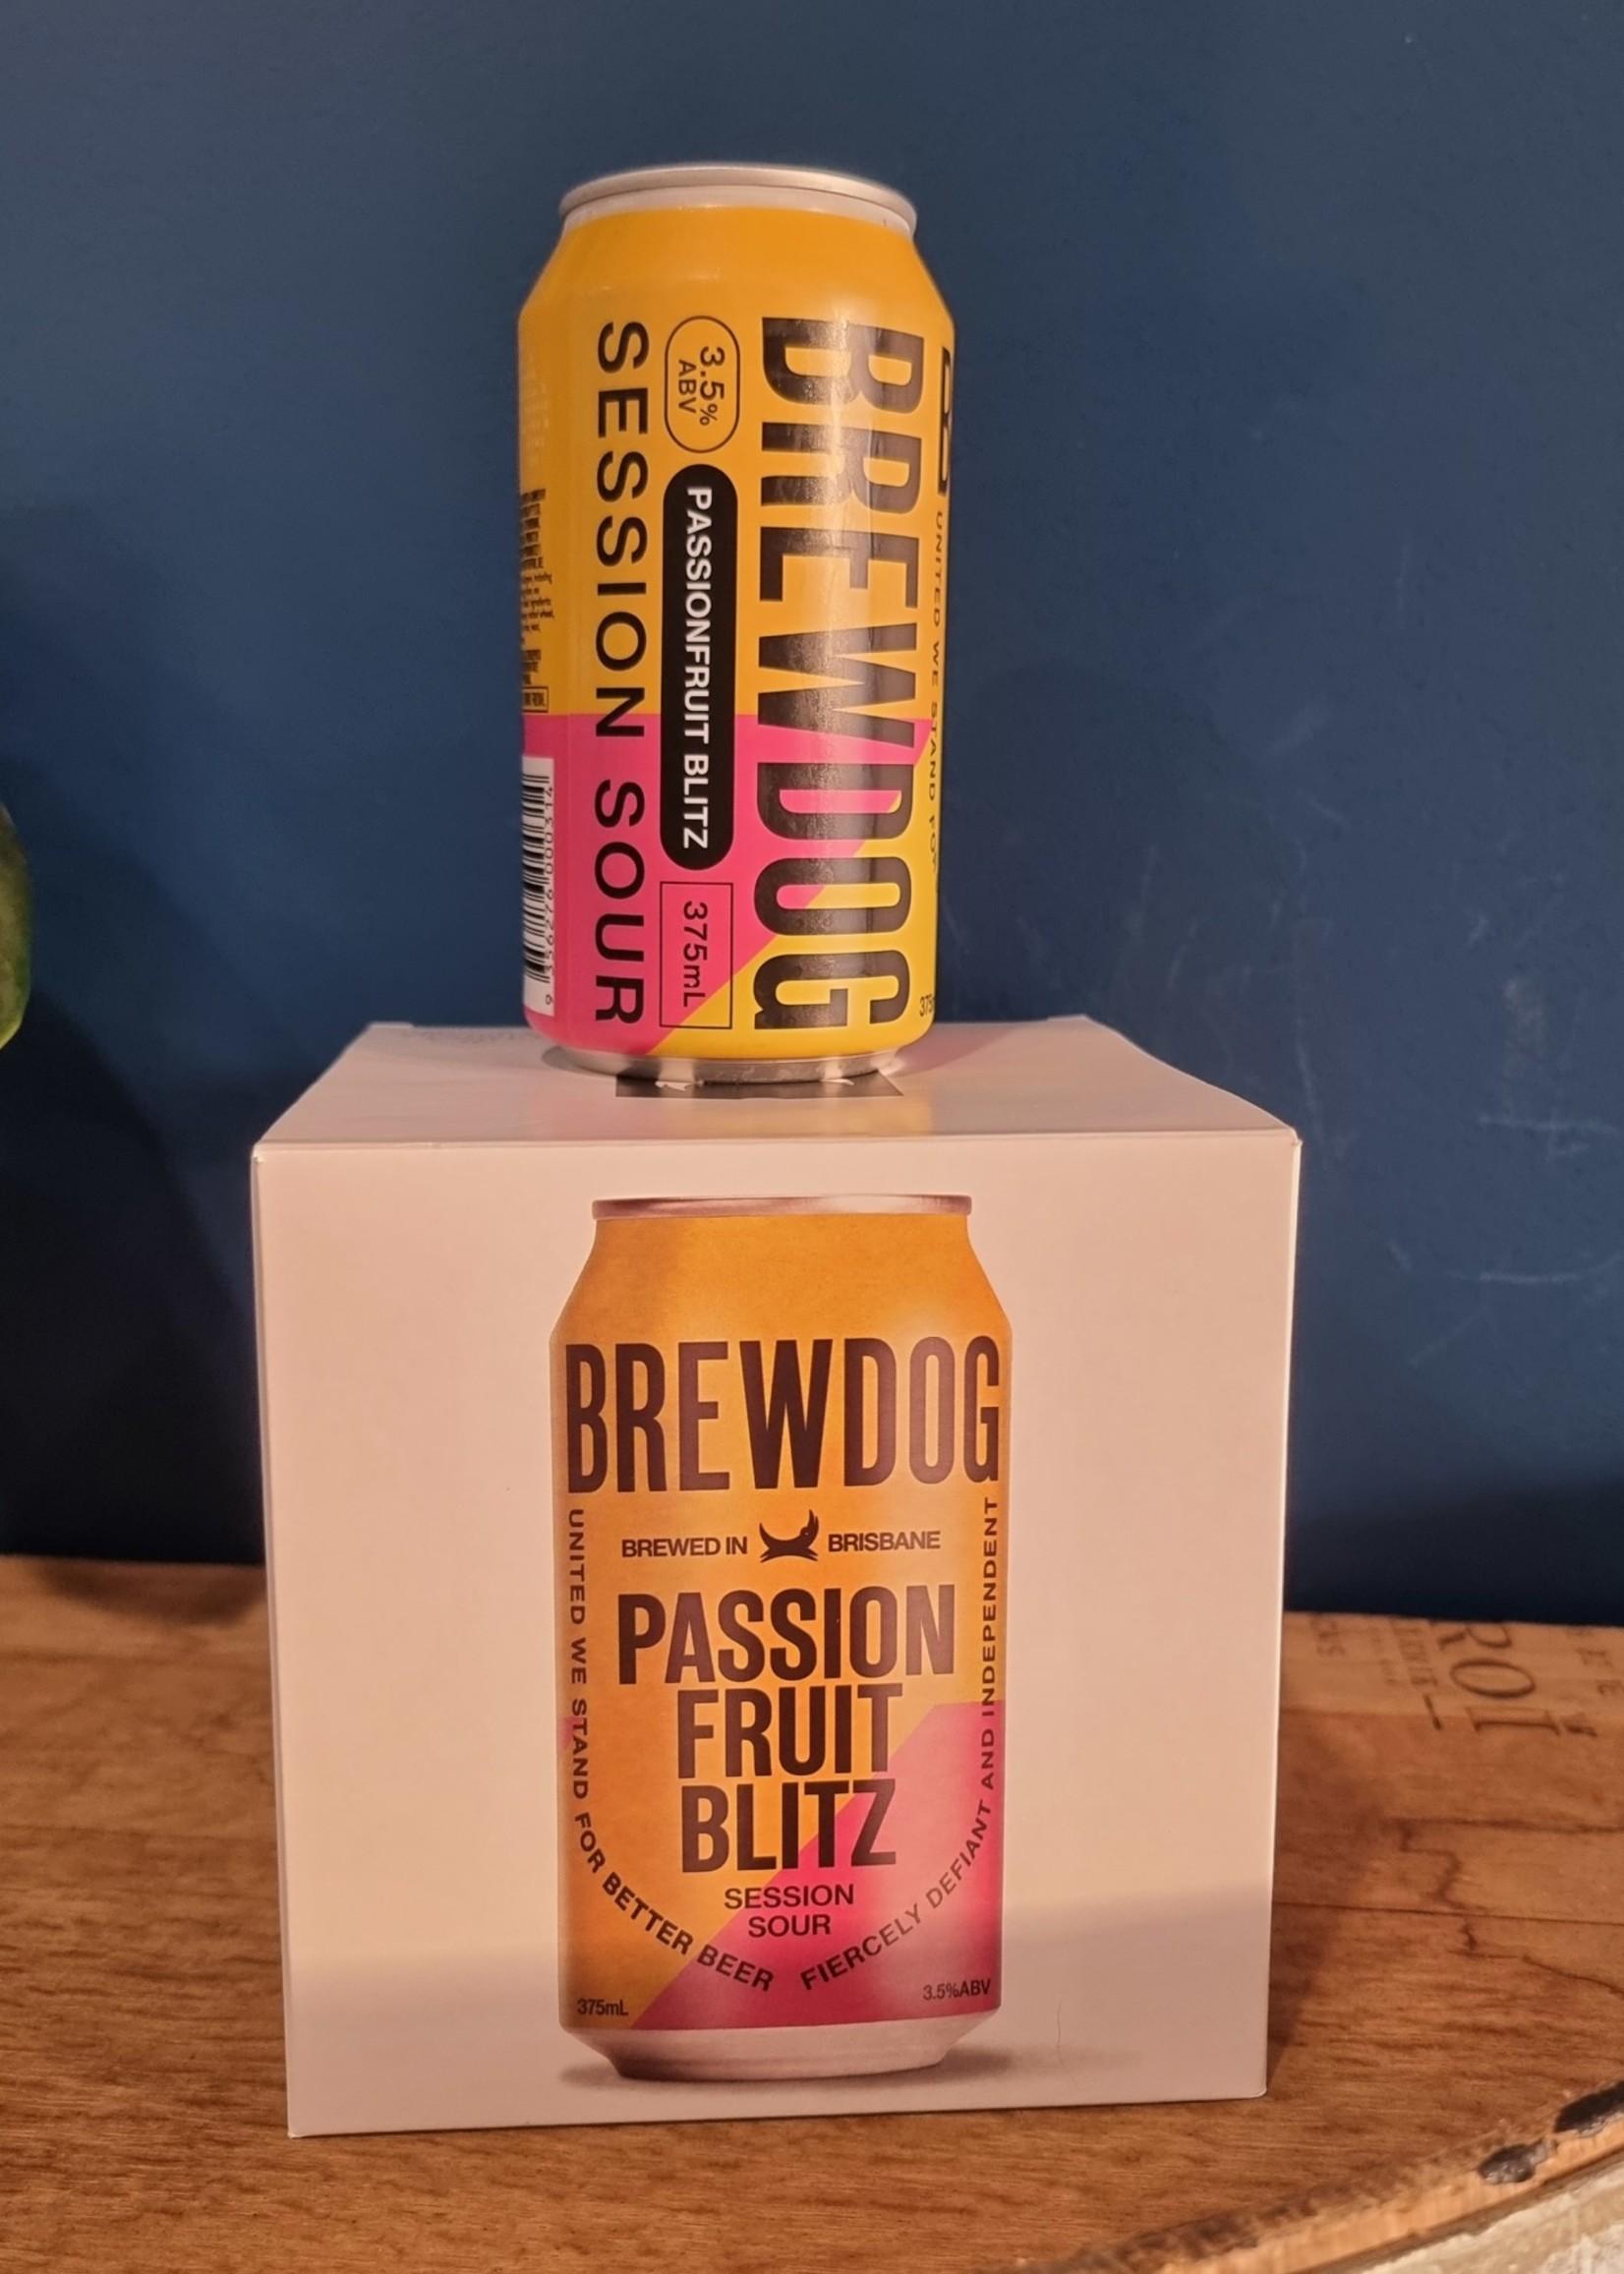 Brewdog Passionfruit Blitz - Session Sour